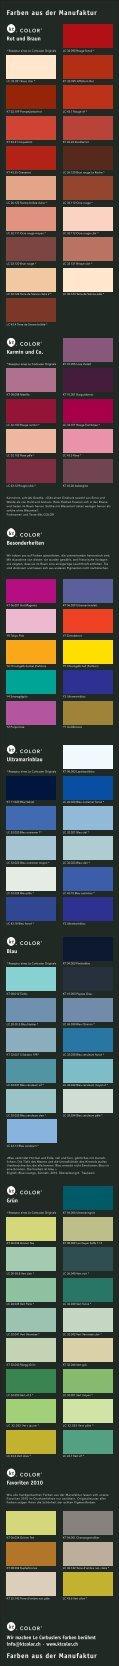 Farben aus der Manufaktur Farben aus der Manufaktur - Seite 2